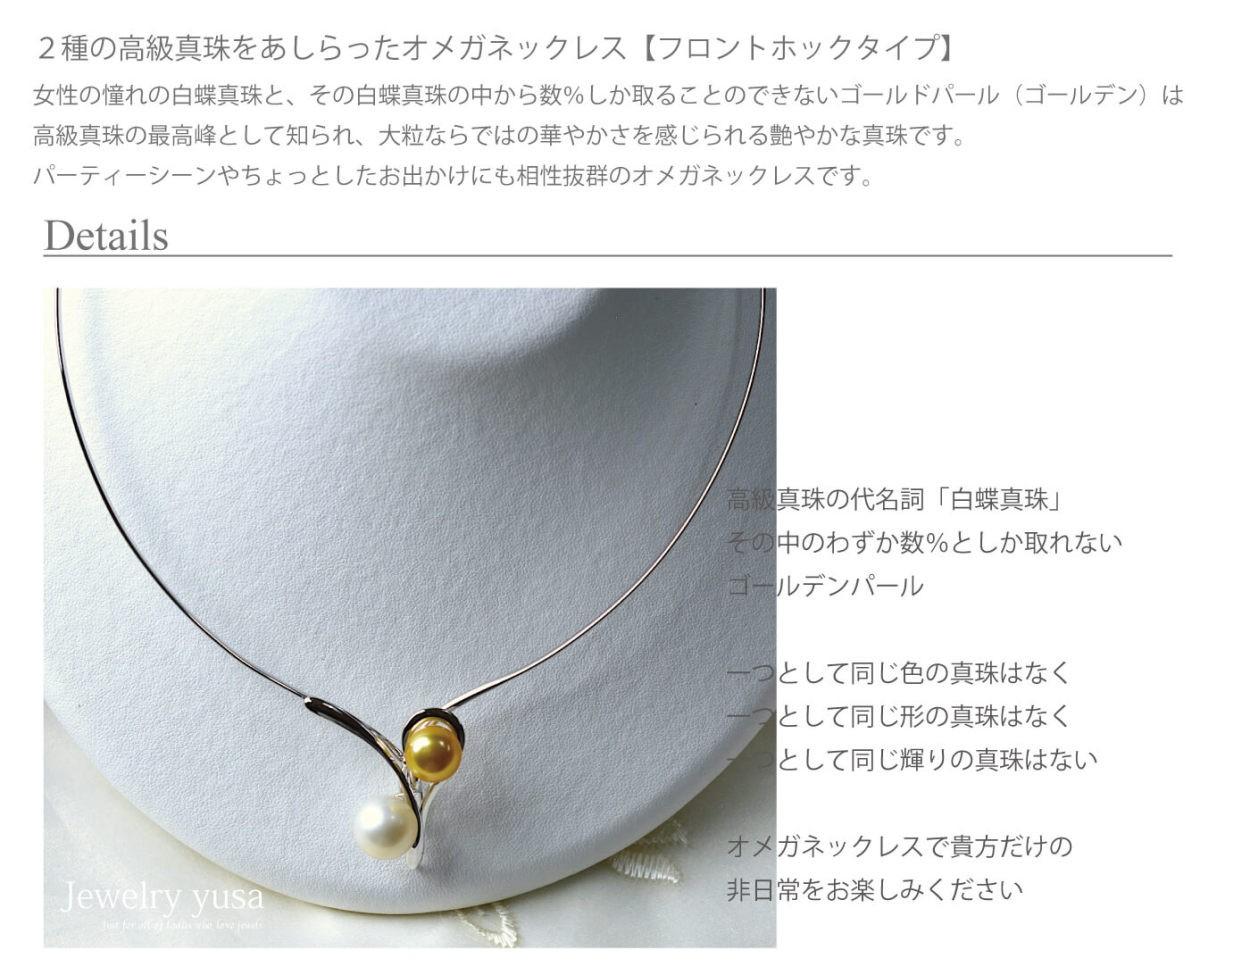 フロントホック白蝶ゴールデン真珠オメガネックレス